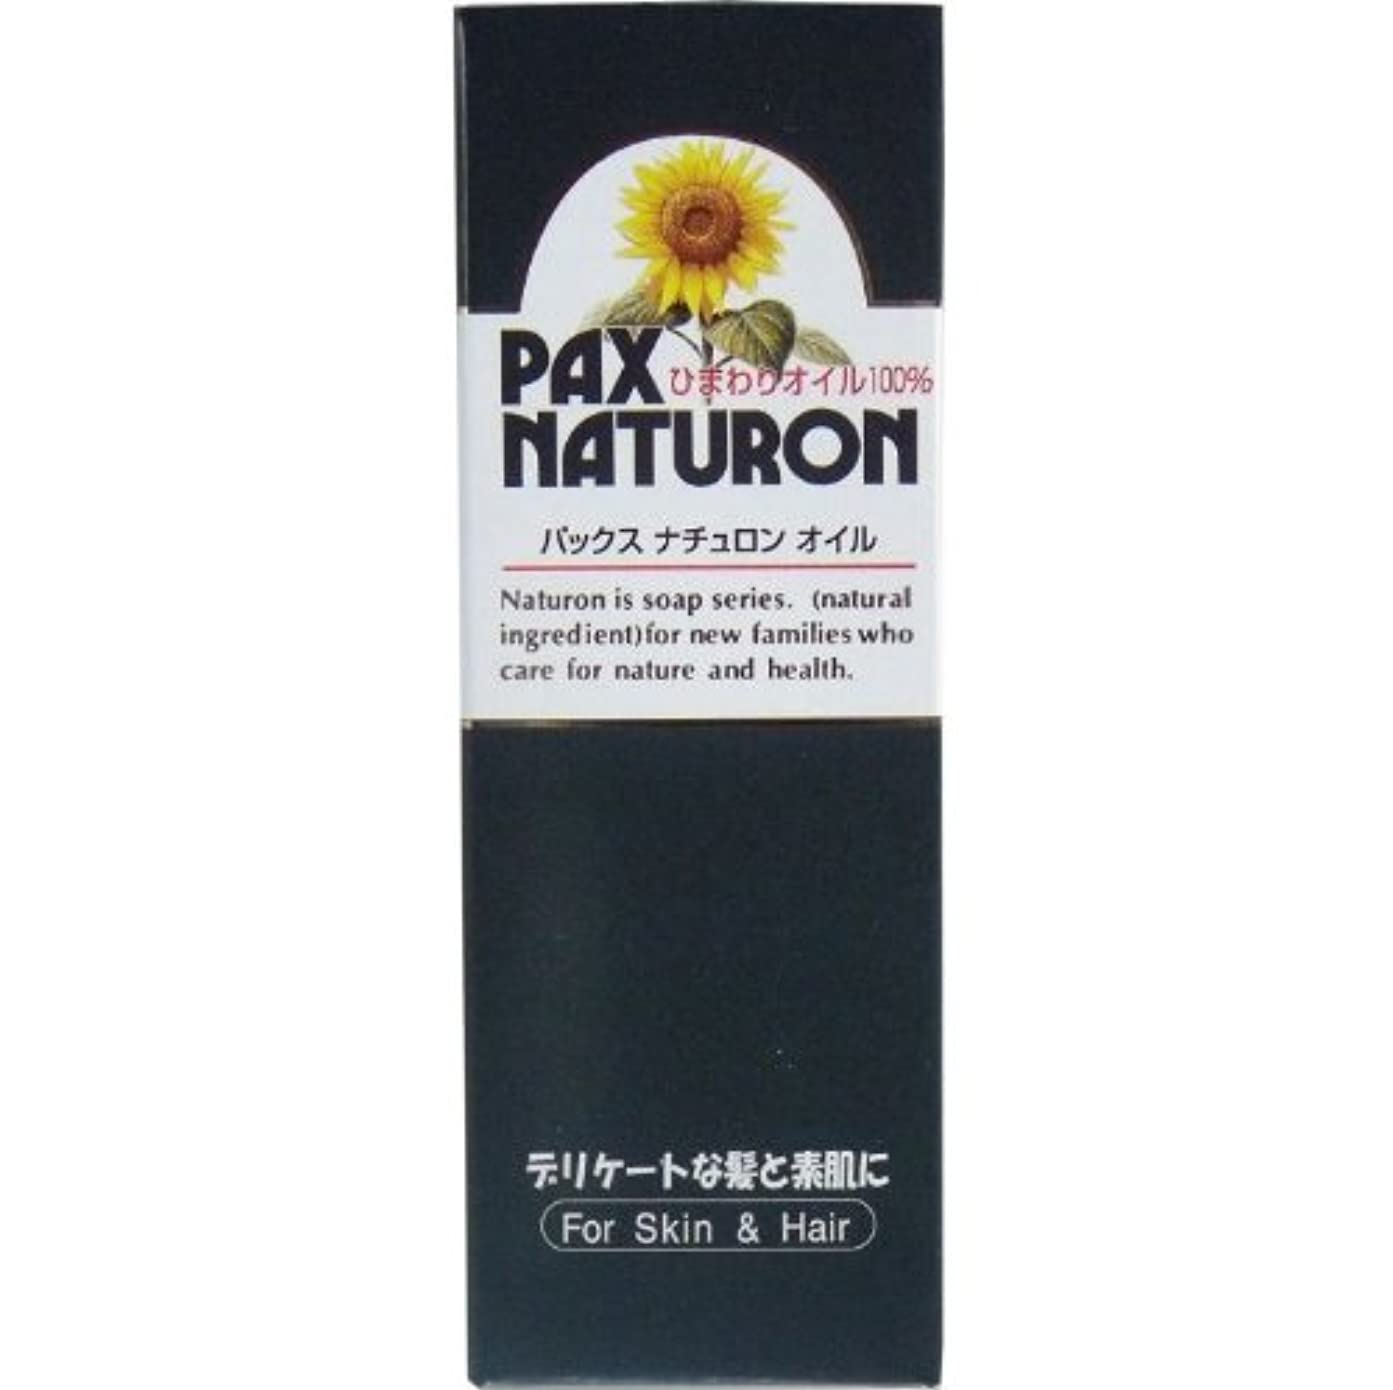 ハンマーブロッサム伝統デリケートな髪と素肌に!ひまわりの種子から採った ハイオレイックひまわり油 60mL【4個セット】